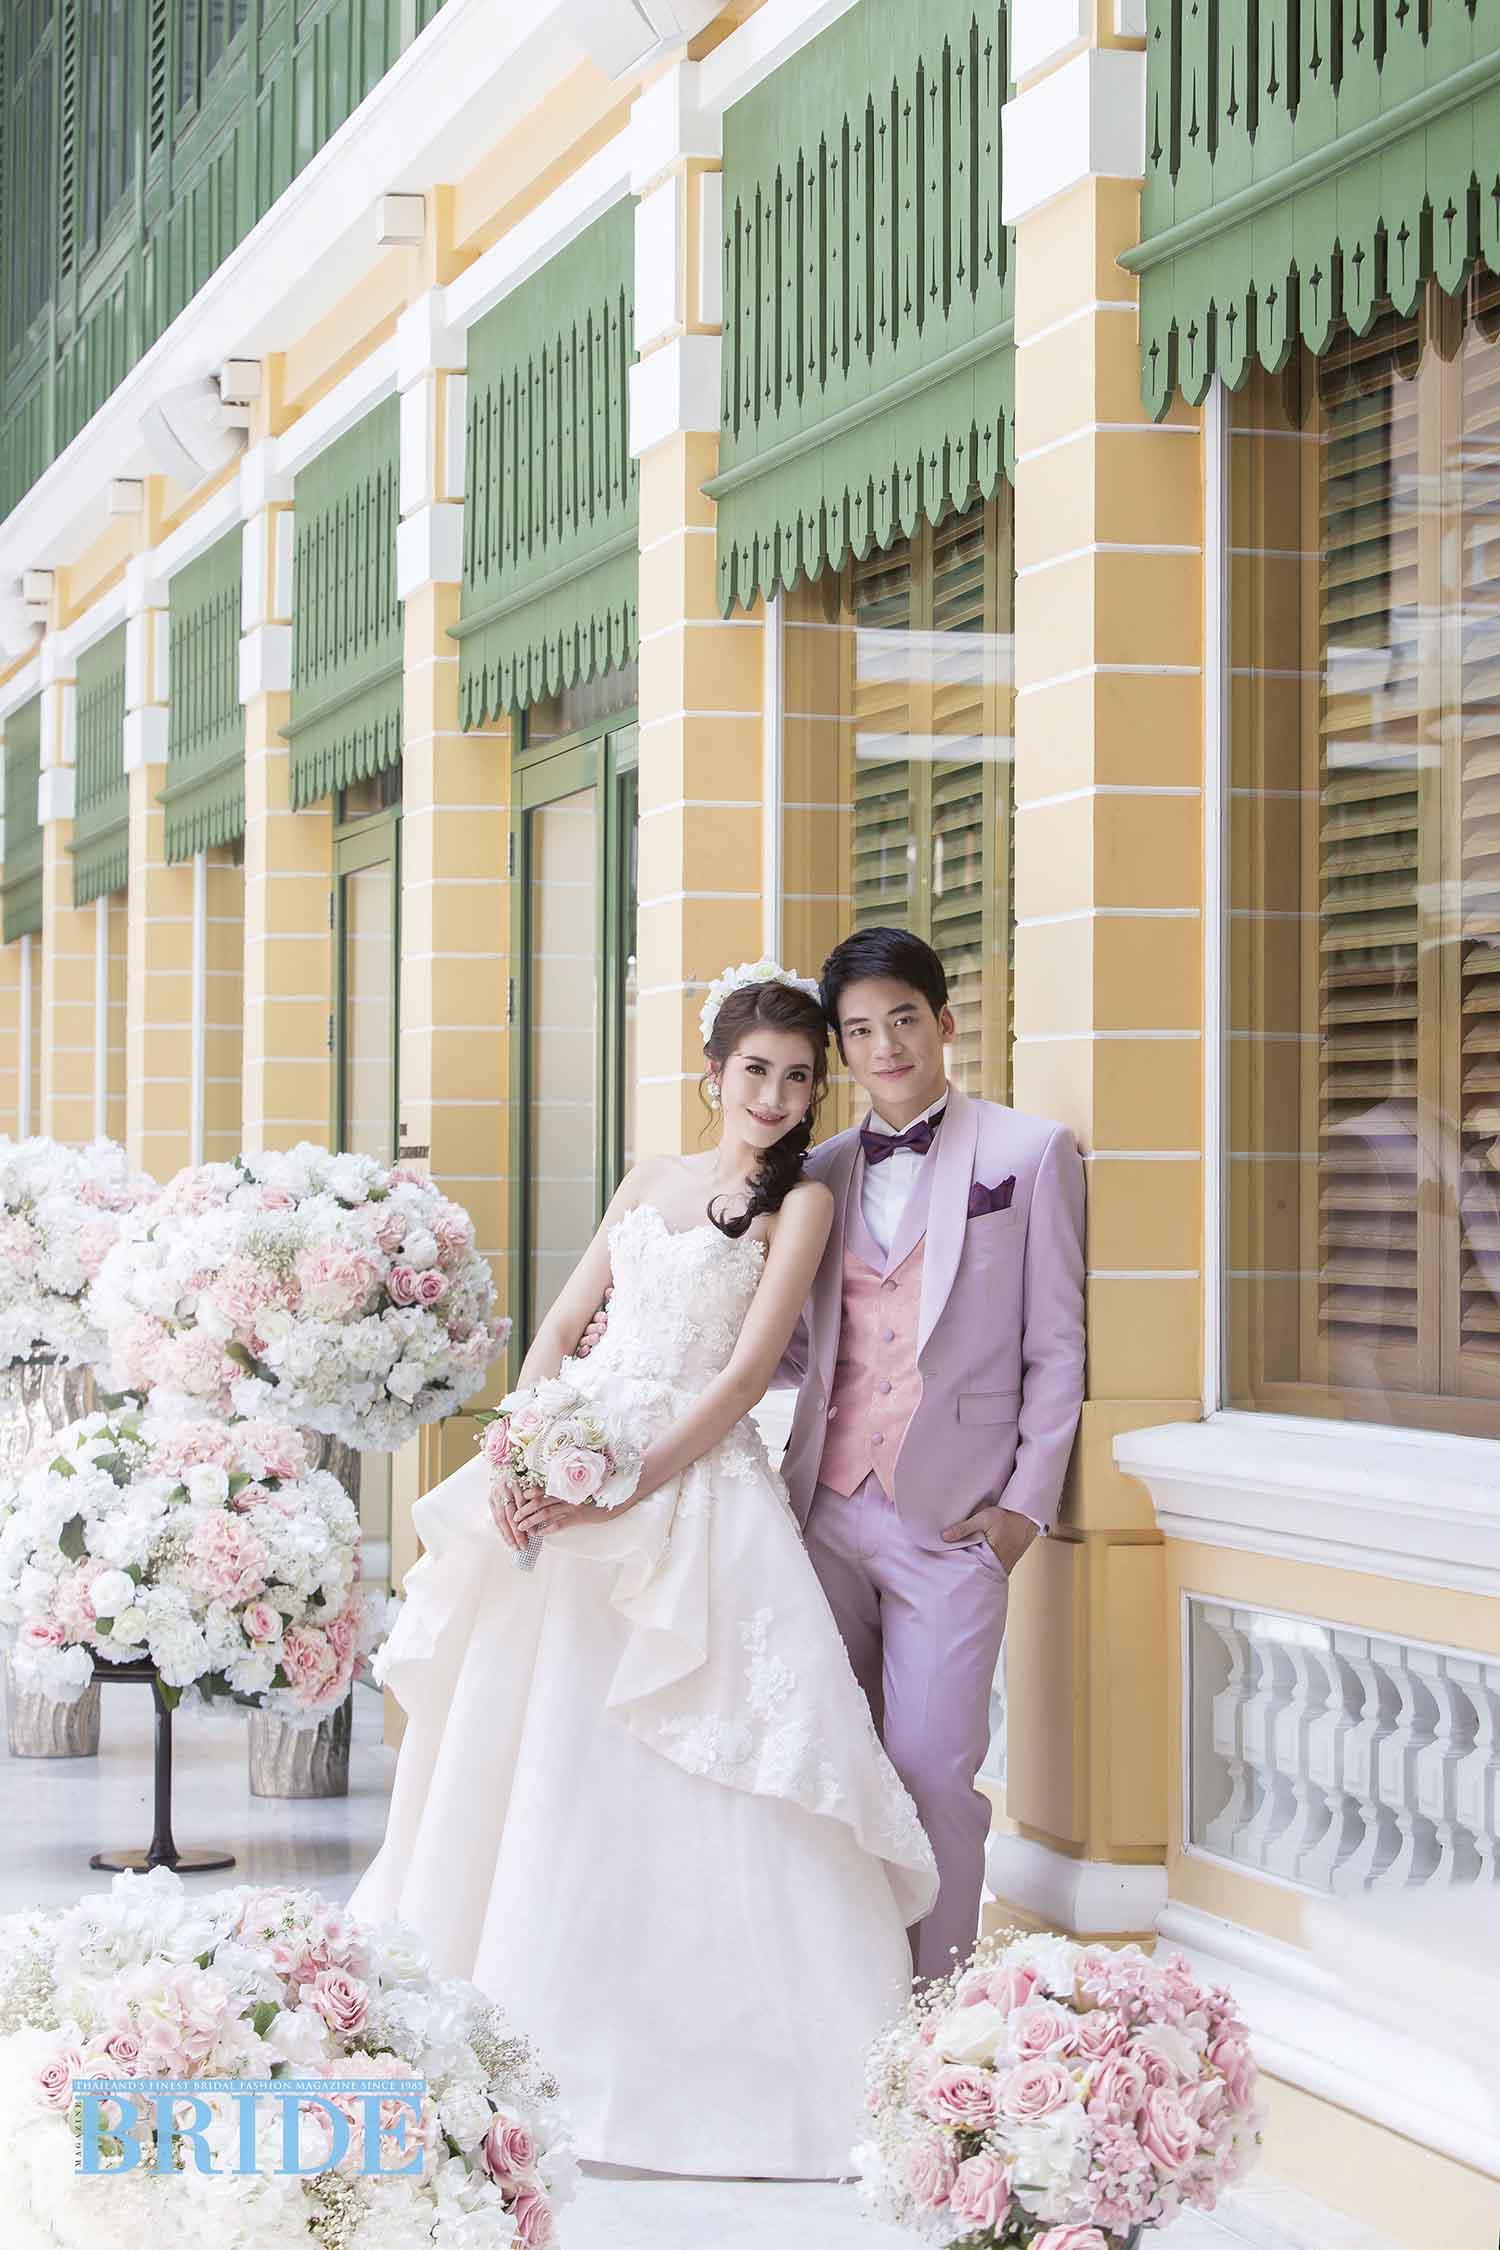 สูทเจ้าบ่าว_สูทแต่งงาน_wedding_suit_groom_suit_026